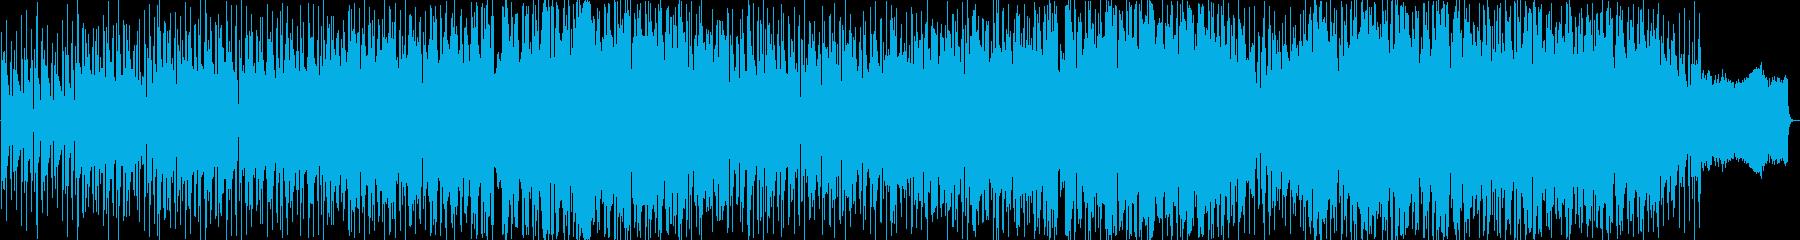 明るい雰囲気のシャッフルダンスポップの再生済みの波形